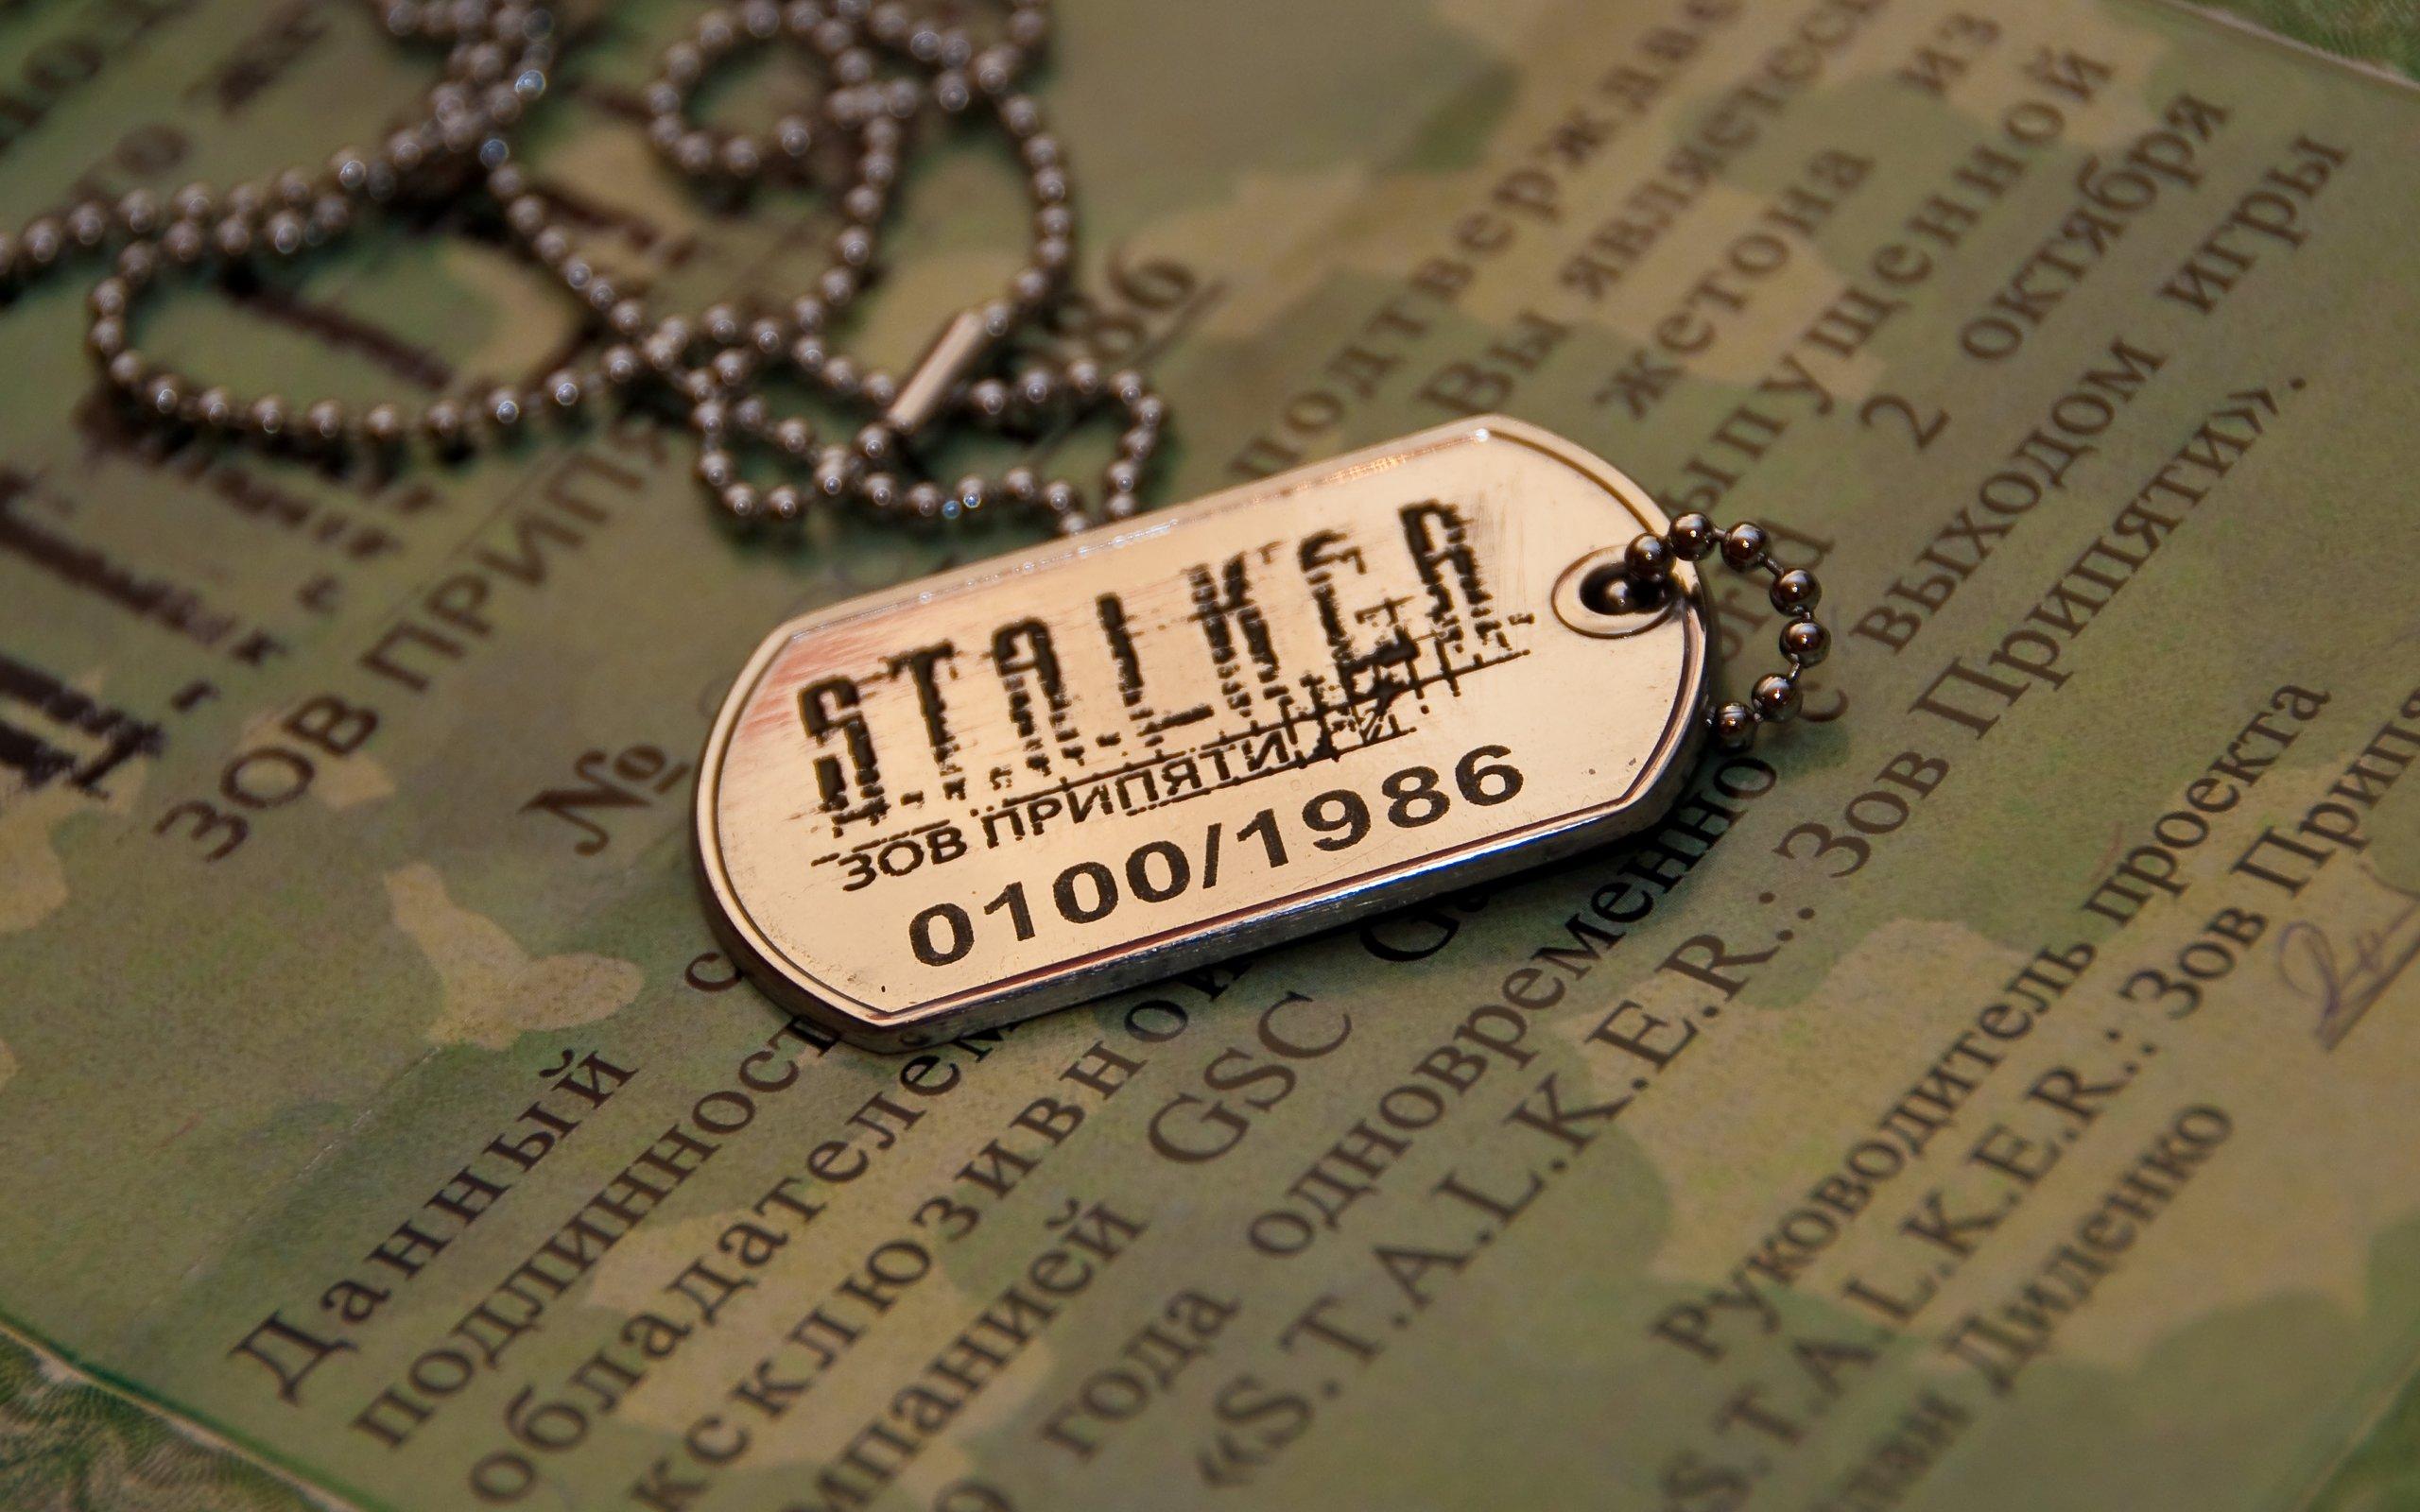 Сталкер, обои для рабочего стола, скачать, wallpaper, Stalker